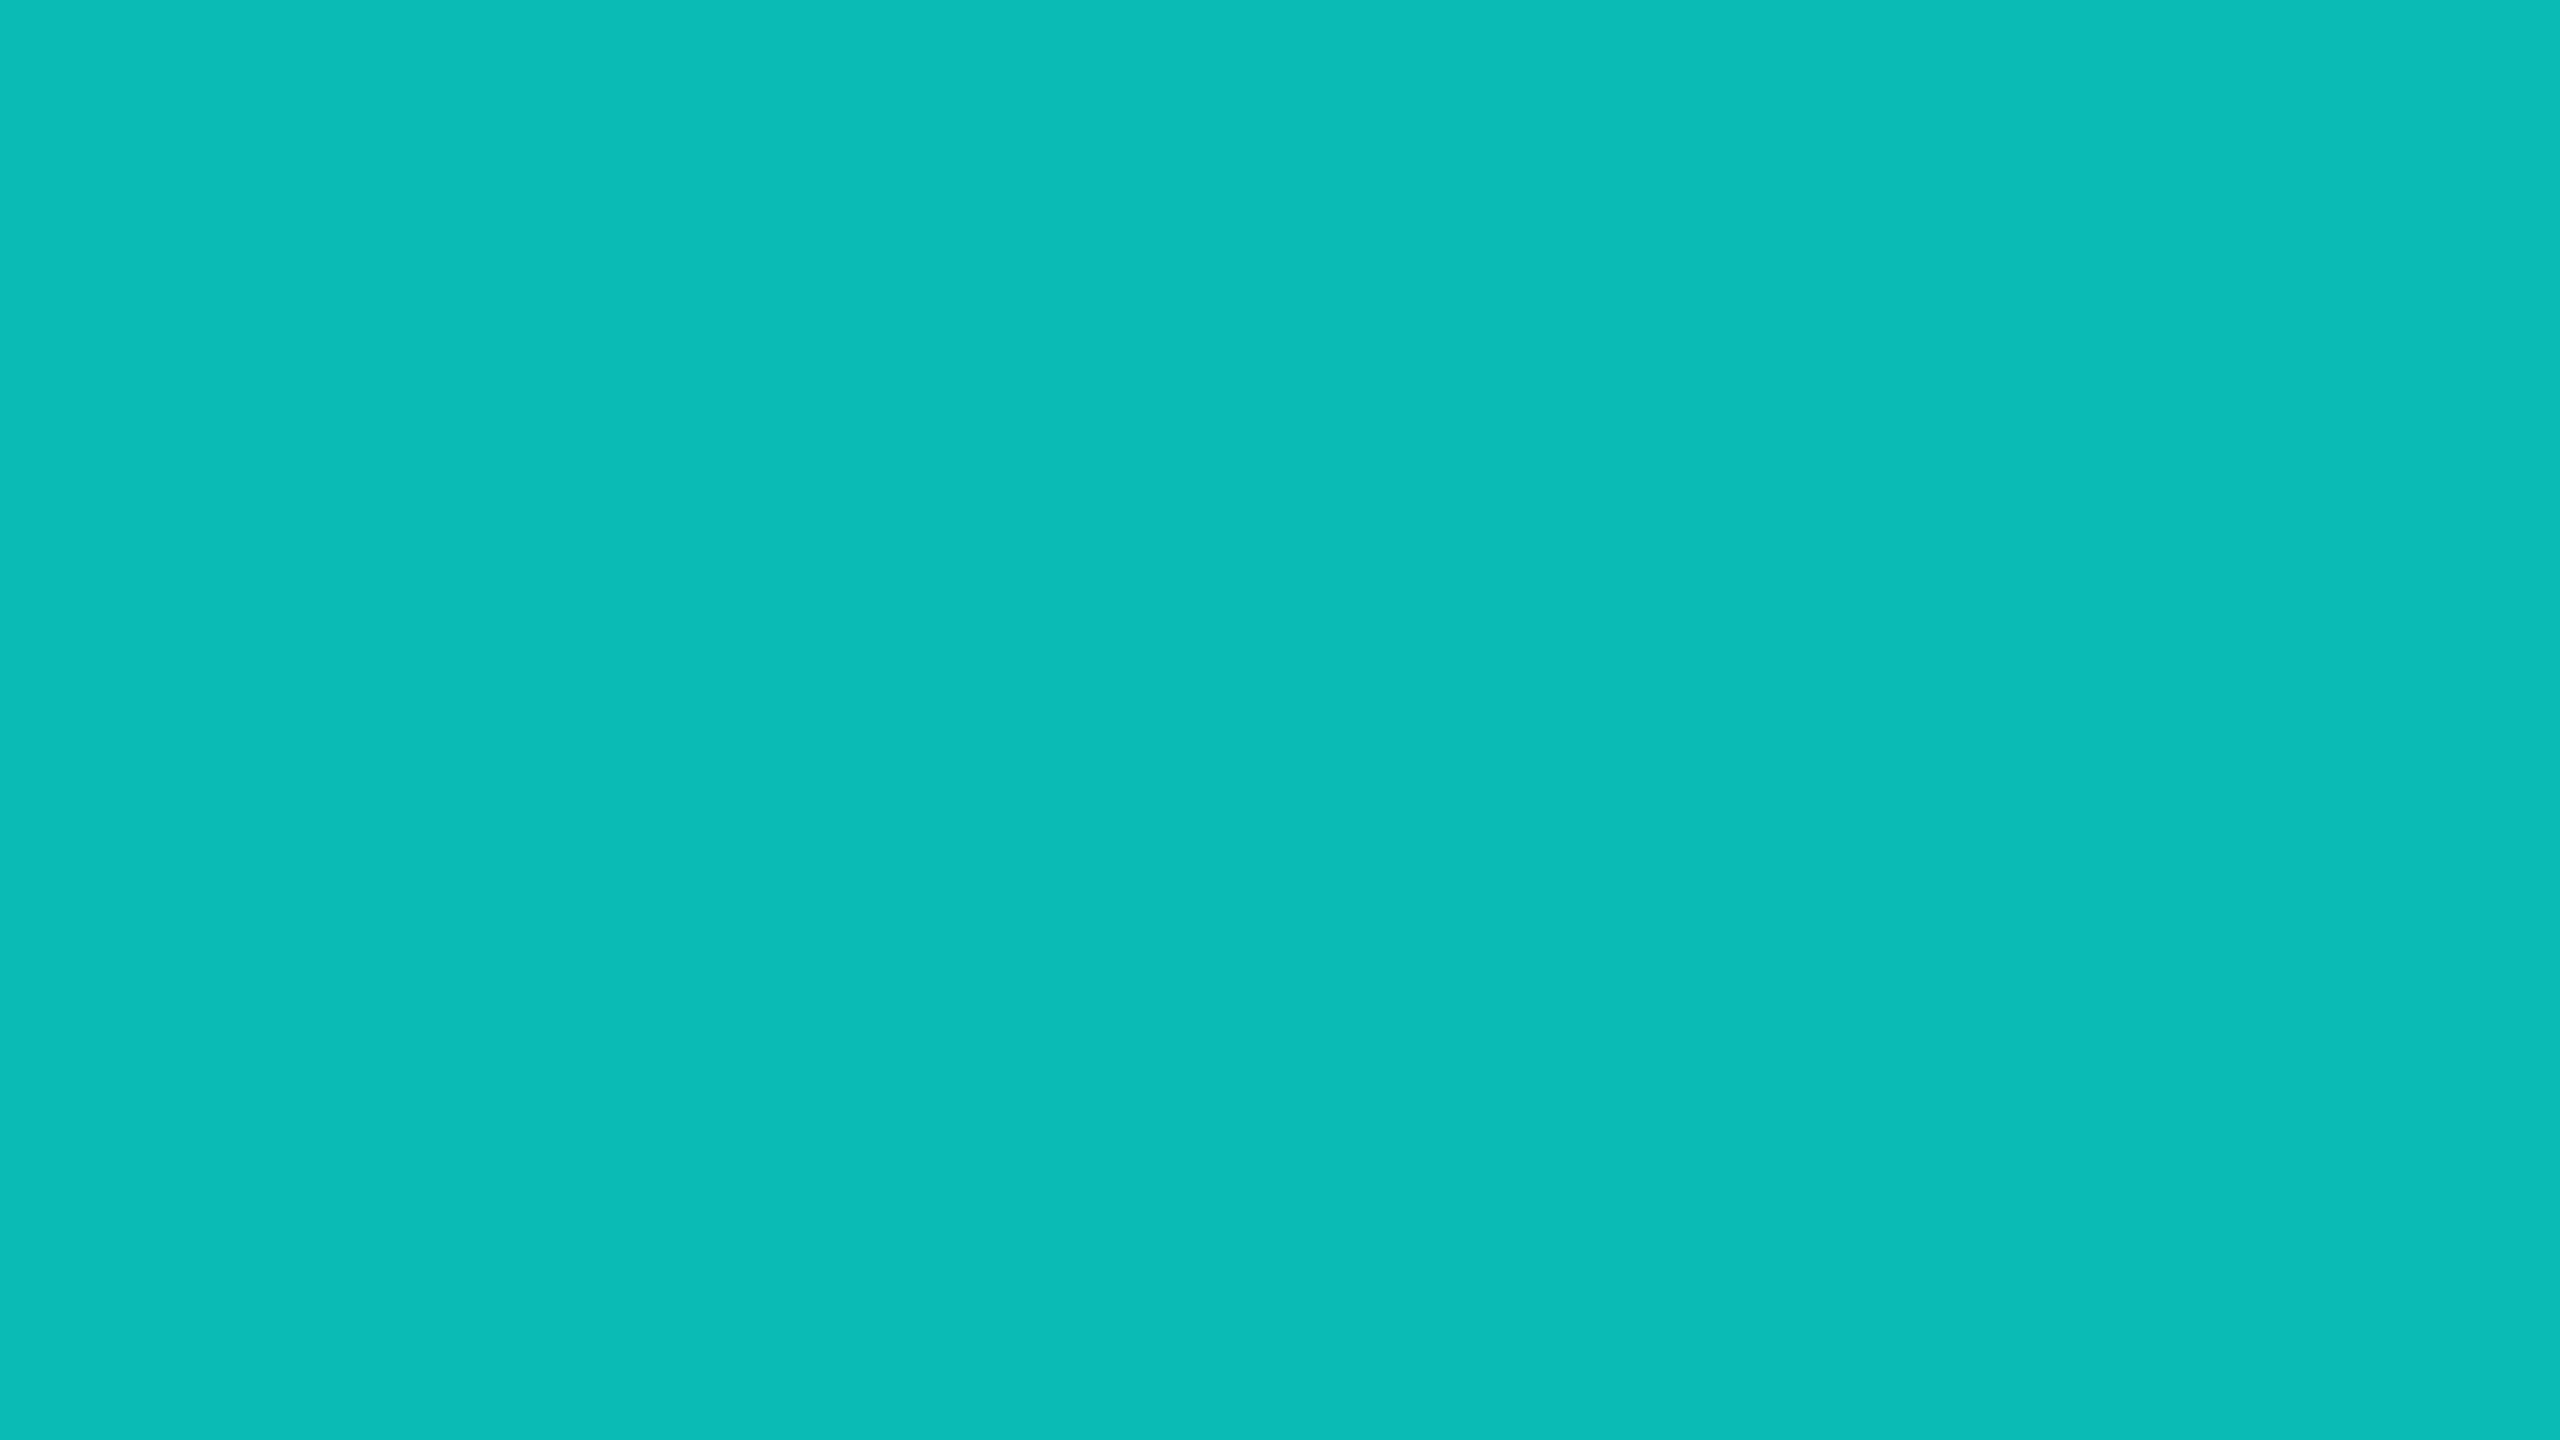 цвет тиффани фото